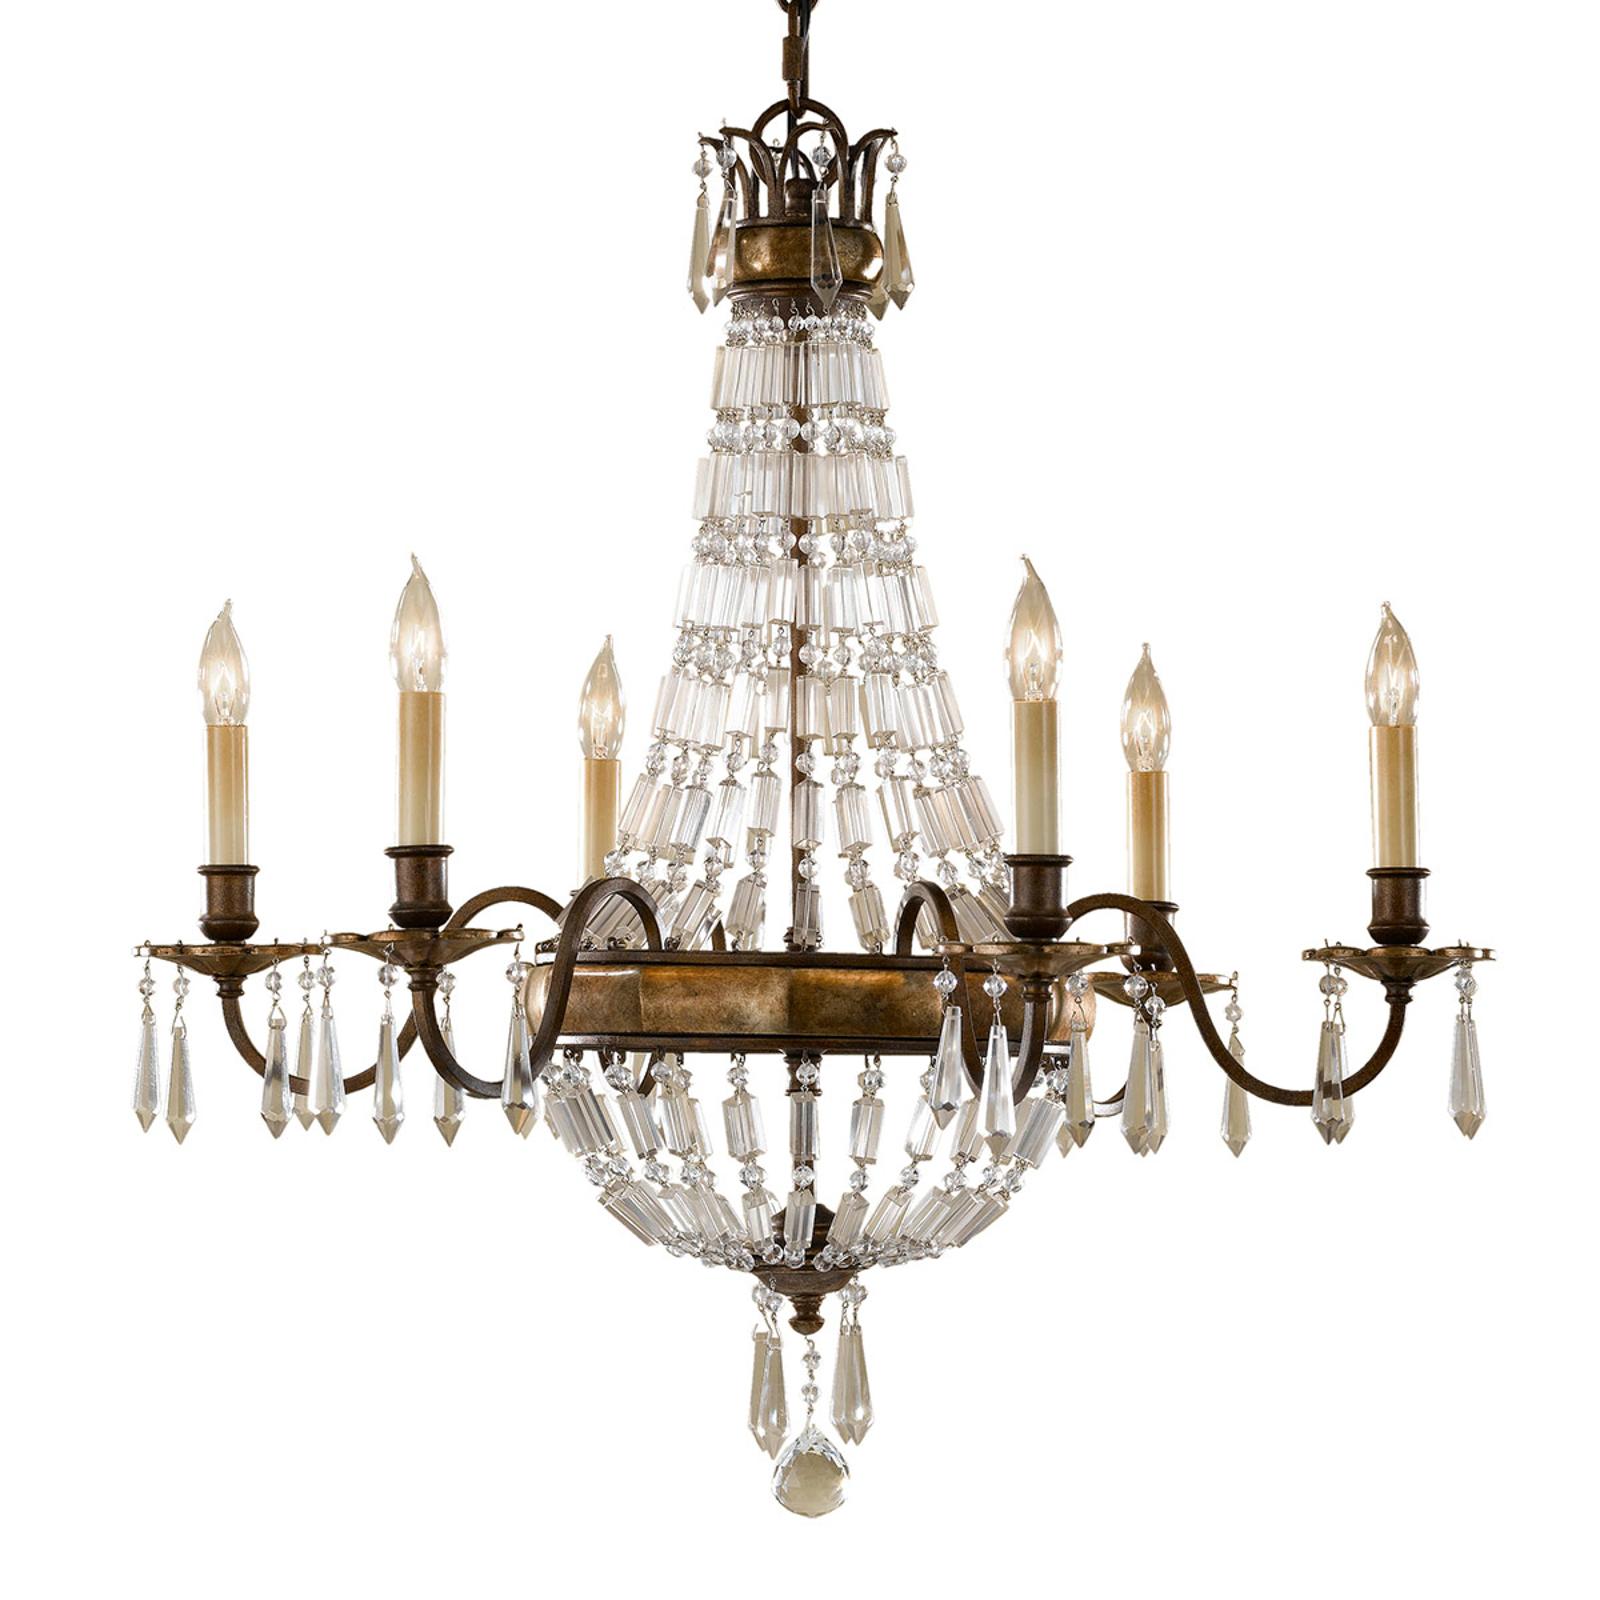 Bellini - lysekrone med antikk virkning